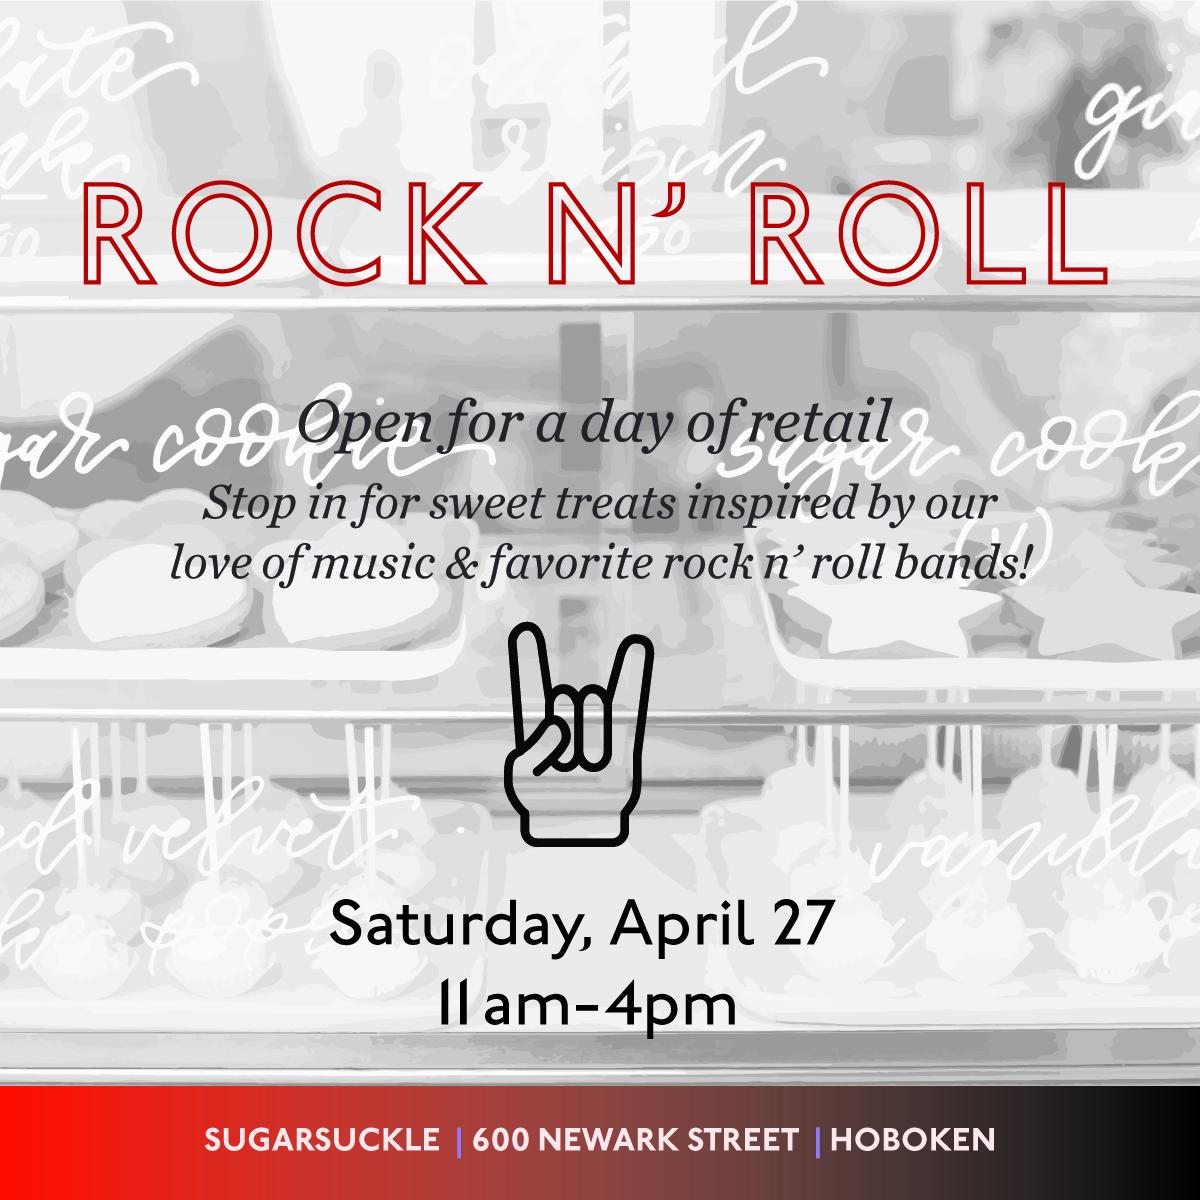 rocknroll retail